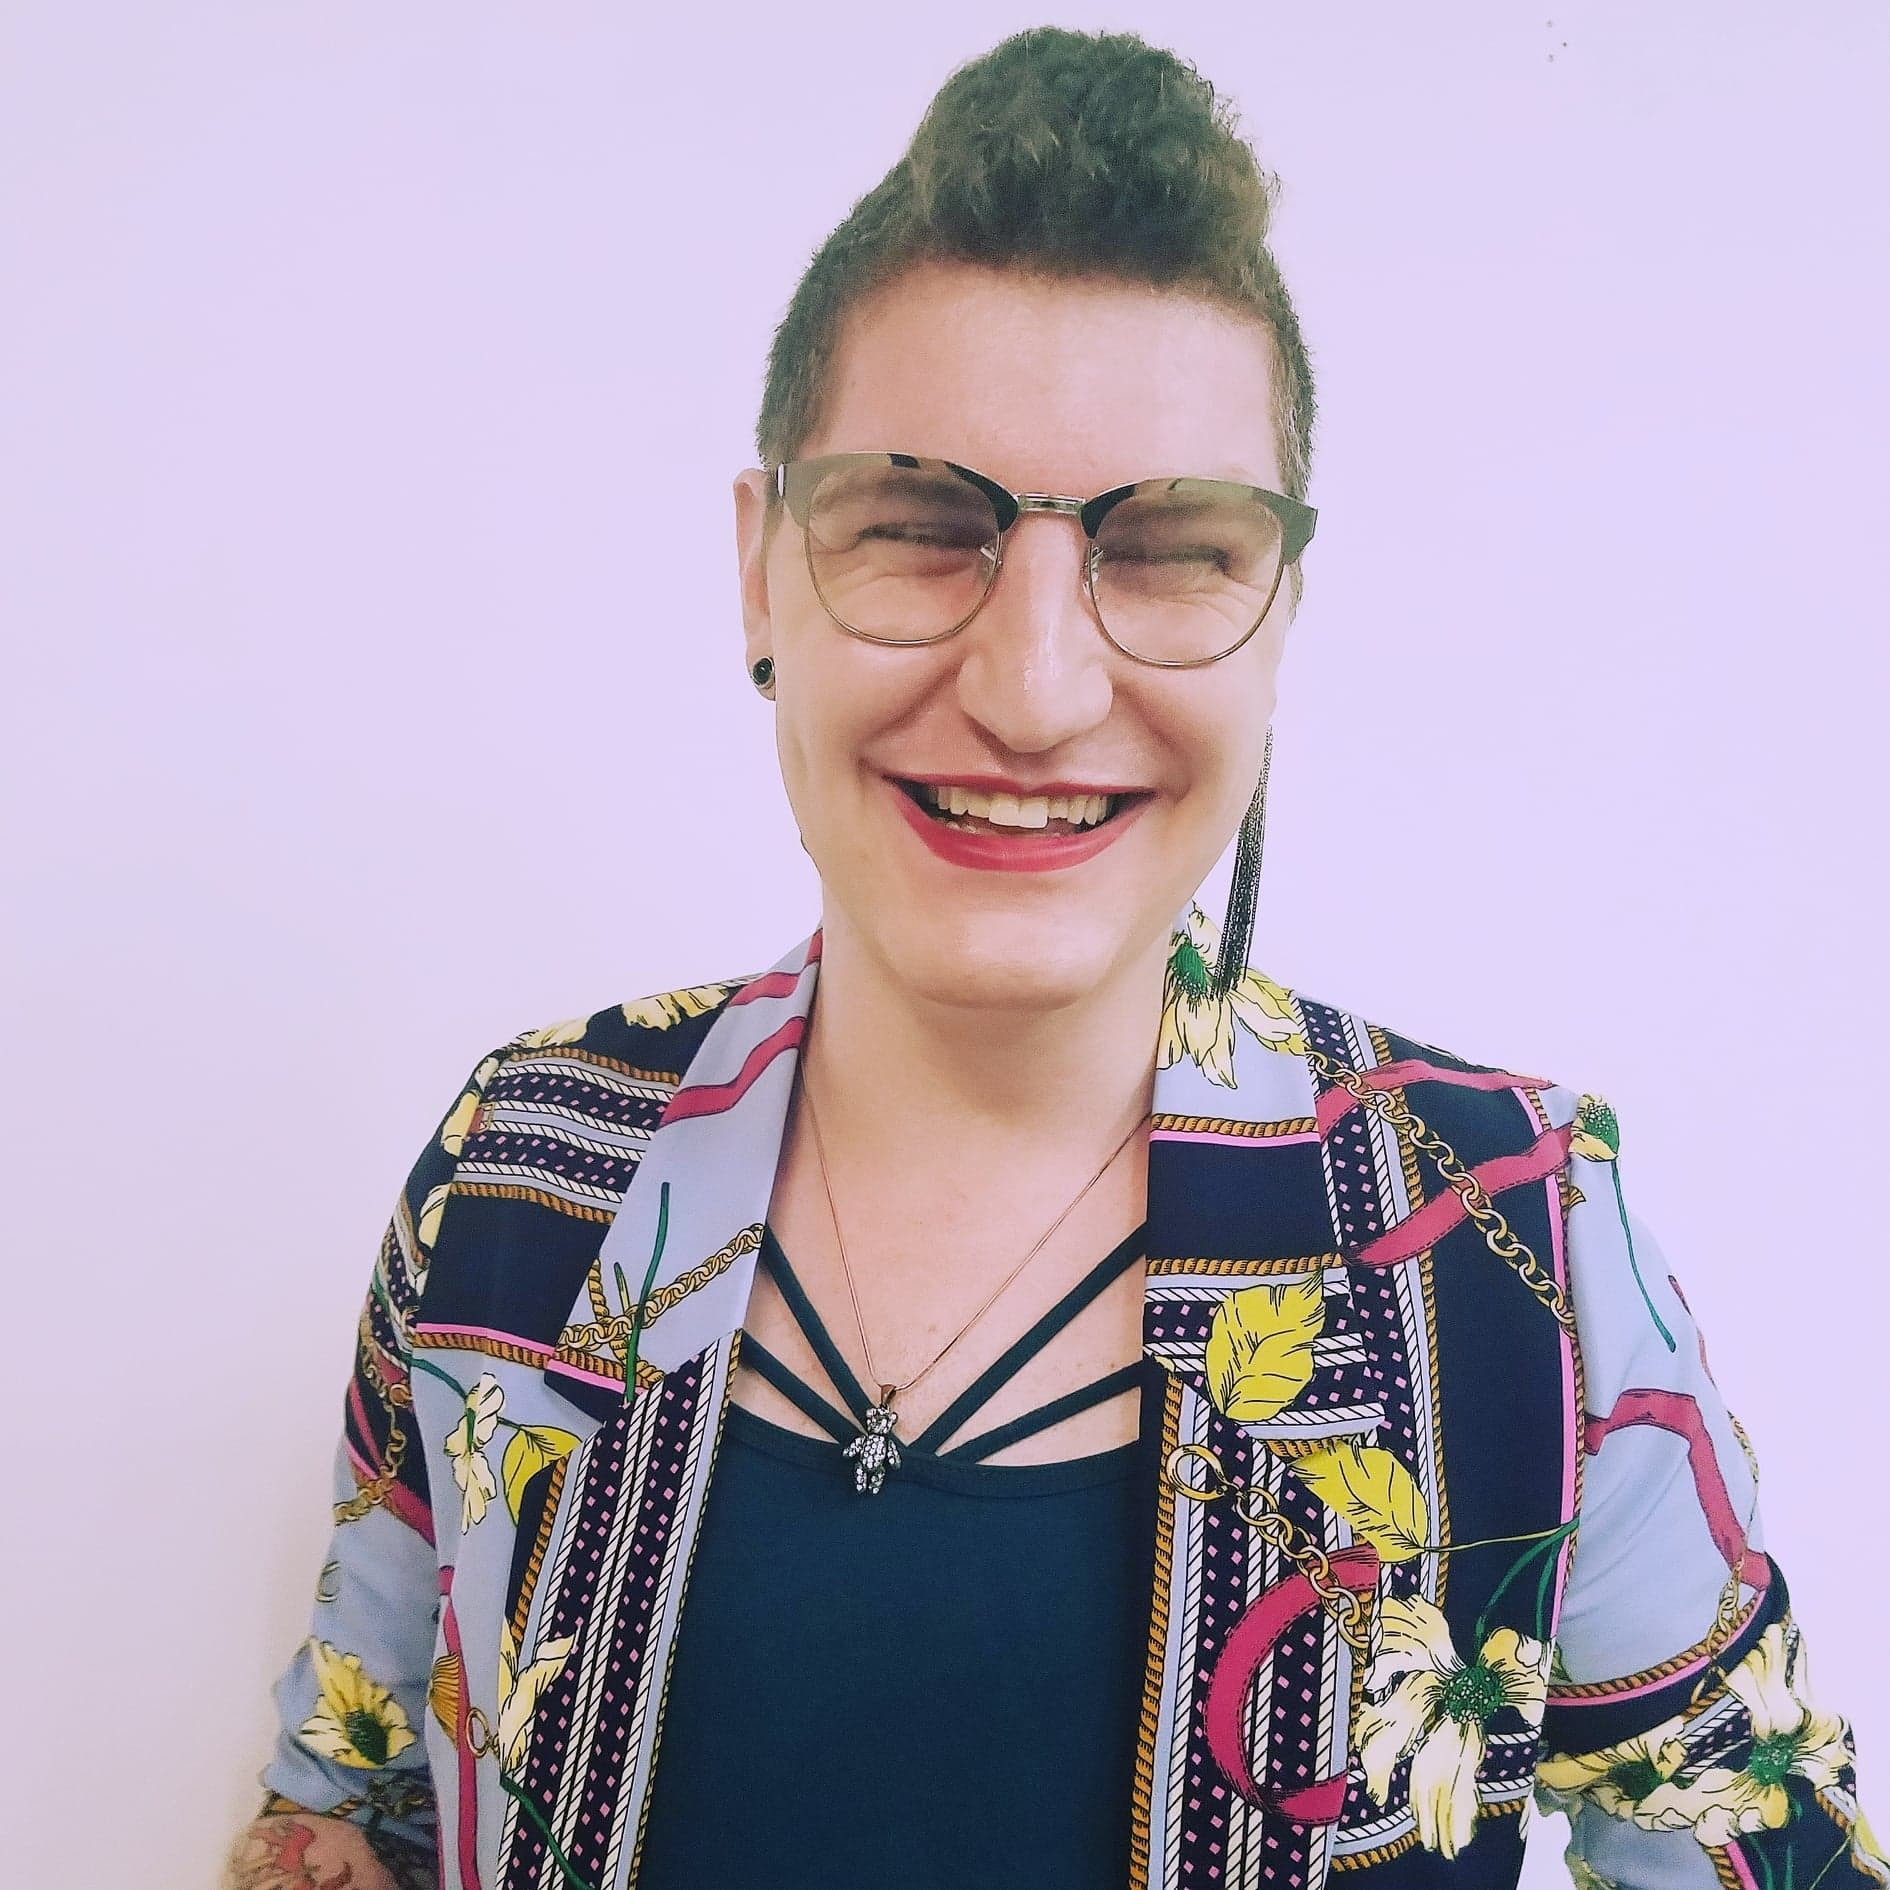 Stephanie Skora